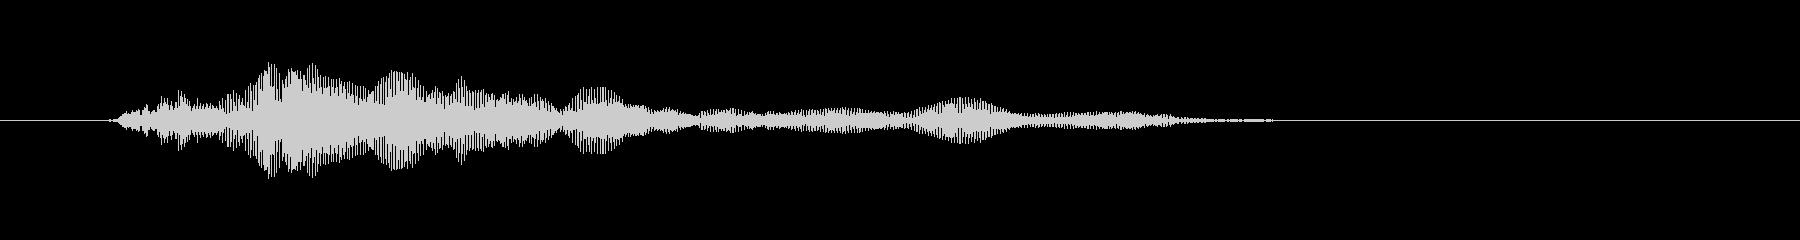 猫の鳴き声2の未再生の波形